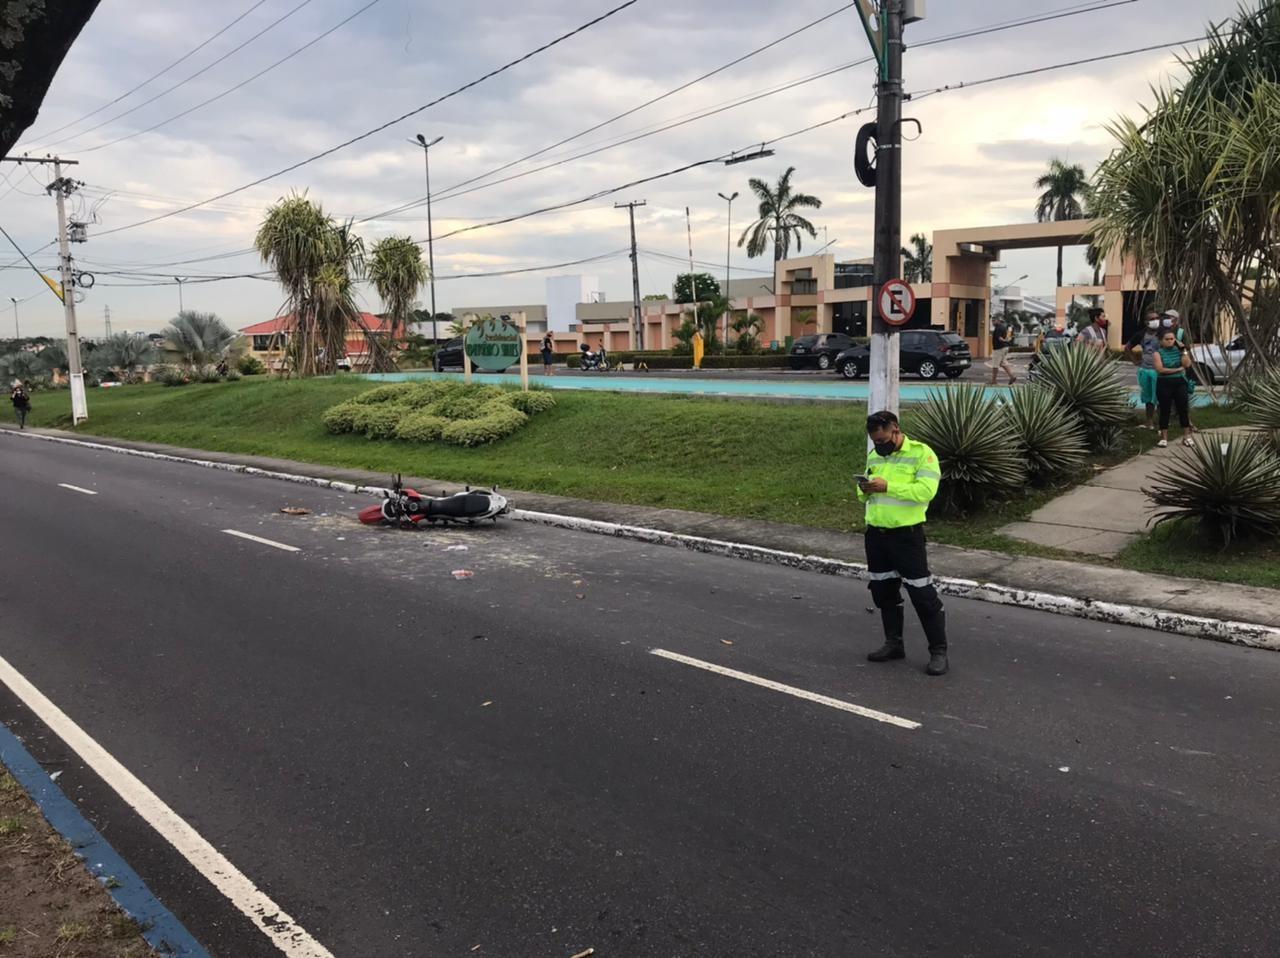 Idoso morre atropelado ao tentar atravessar Avenida Efigênio Salles, em Manaus